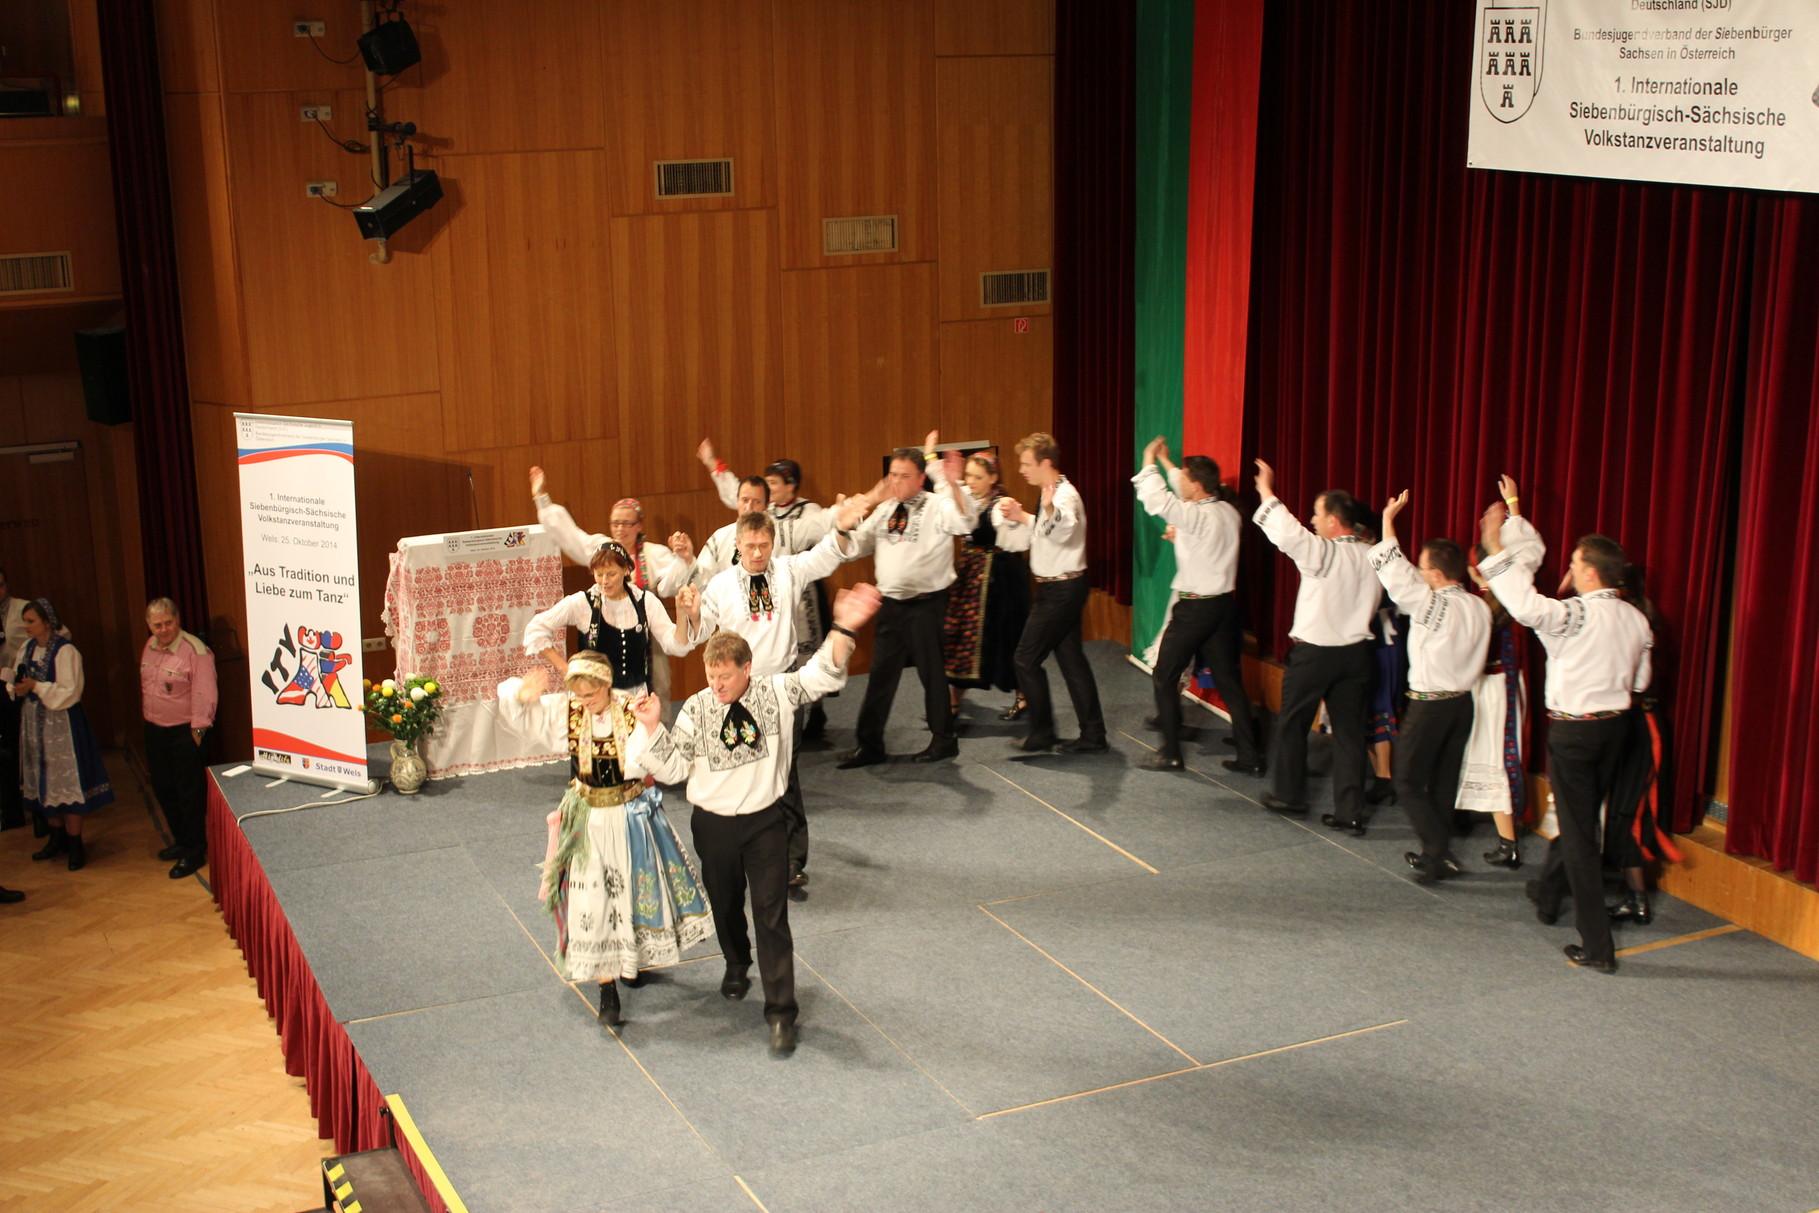 Internationale Siebenbürgisch-Sächsische Volkstanzveranstaltung in Wels / Österreich